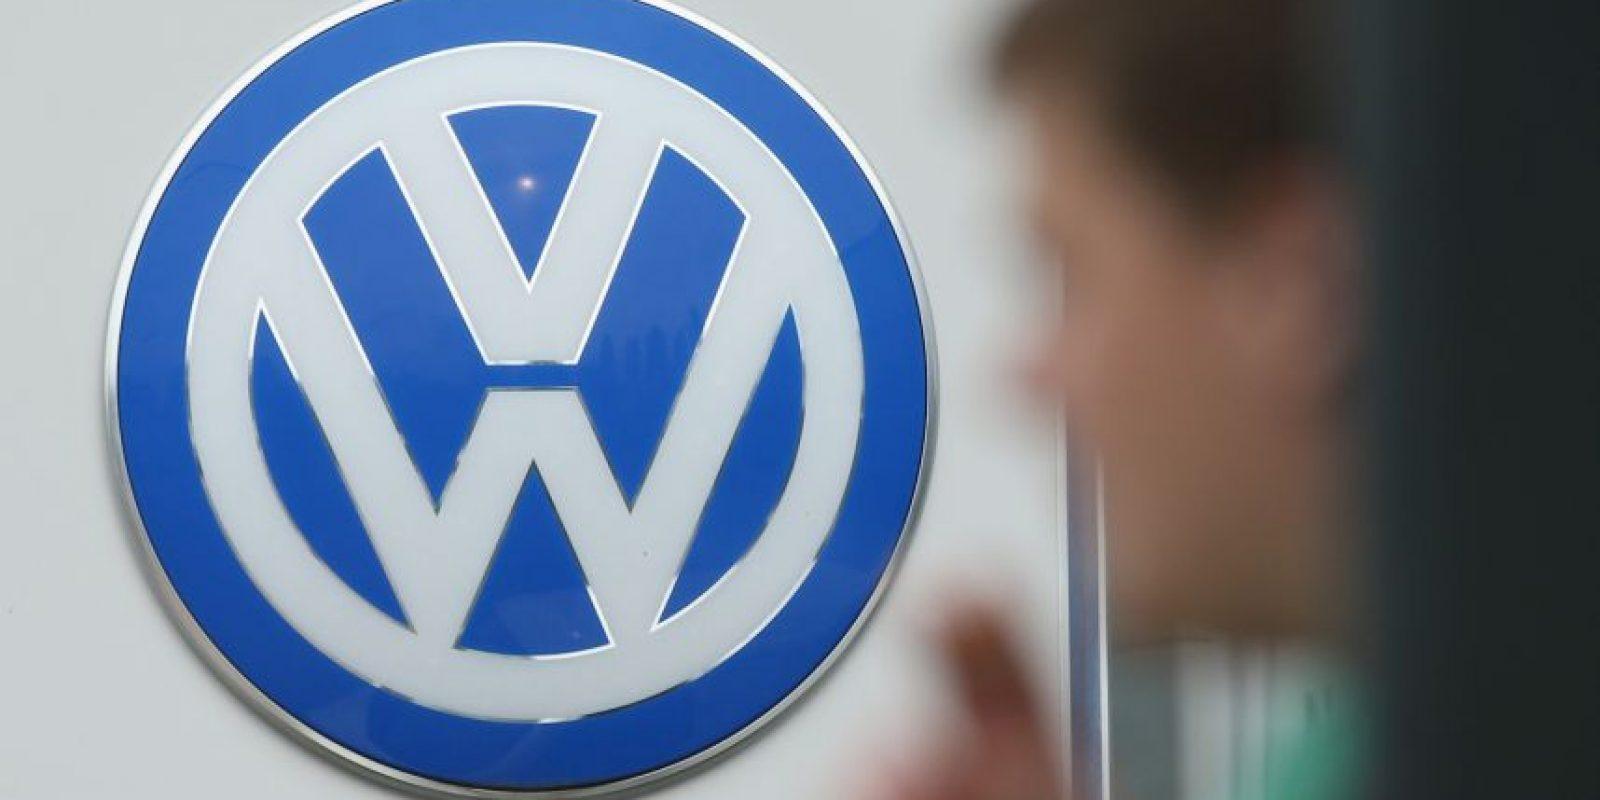 """Con lo que permitían """"disfrazar"""" a algunos automóviles que emitían gases hasta 40% superior de lo permitido. Foto:Getty Images"""